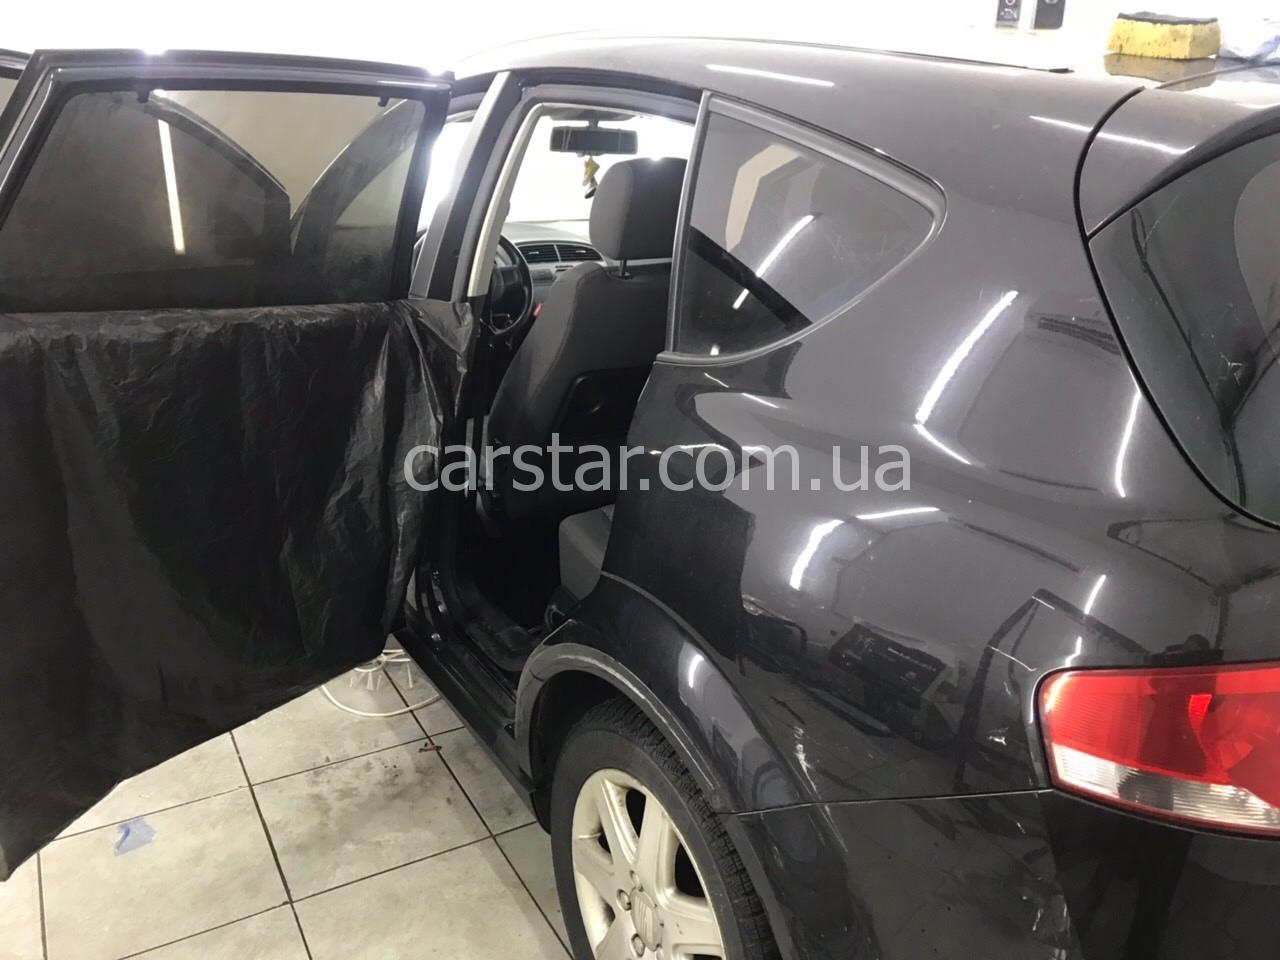 тонировка авто киев троещина